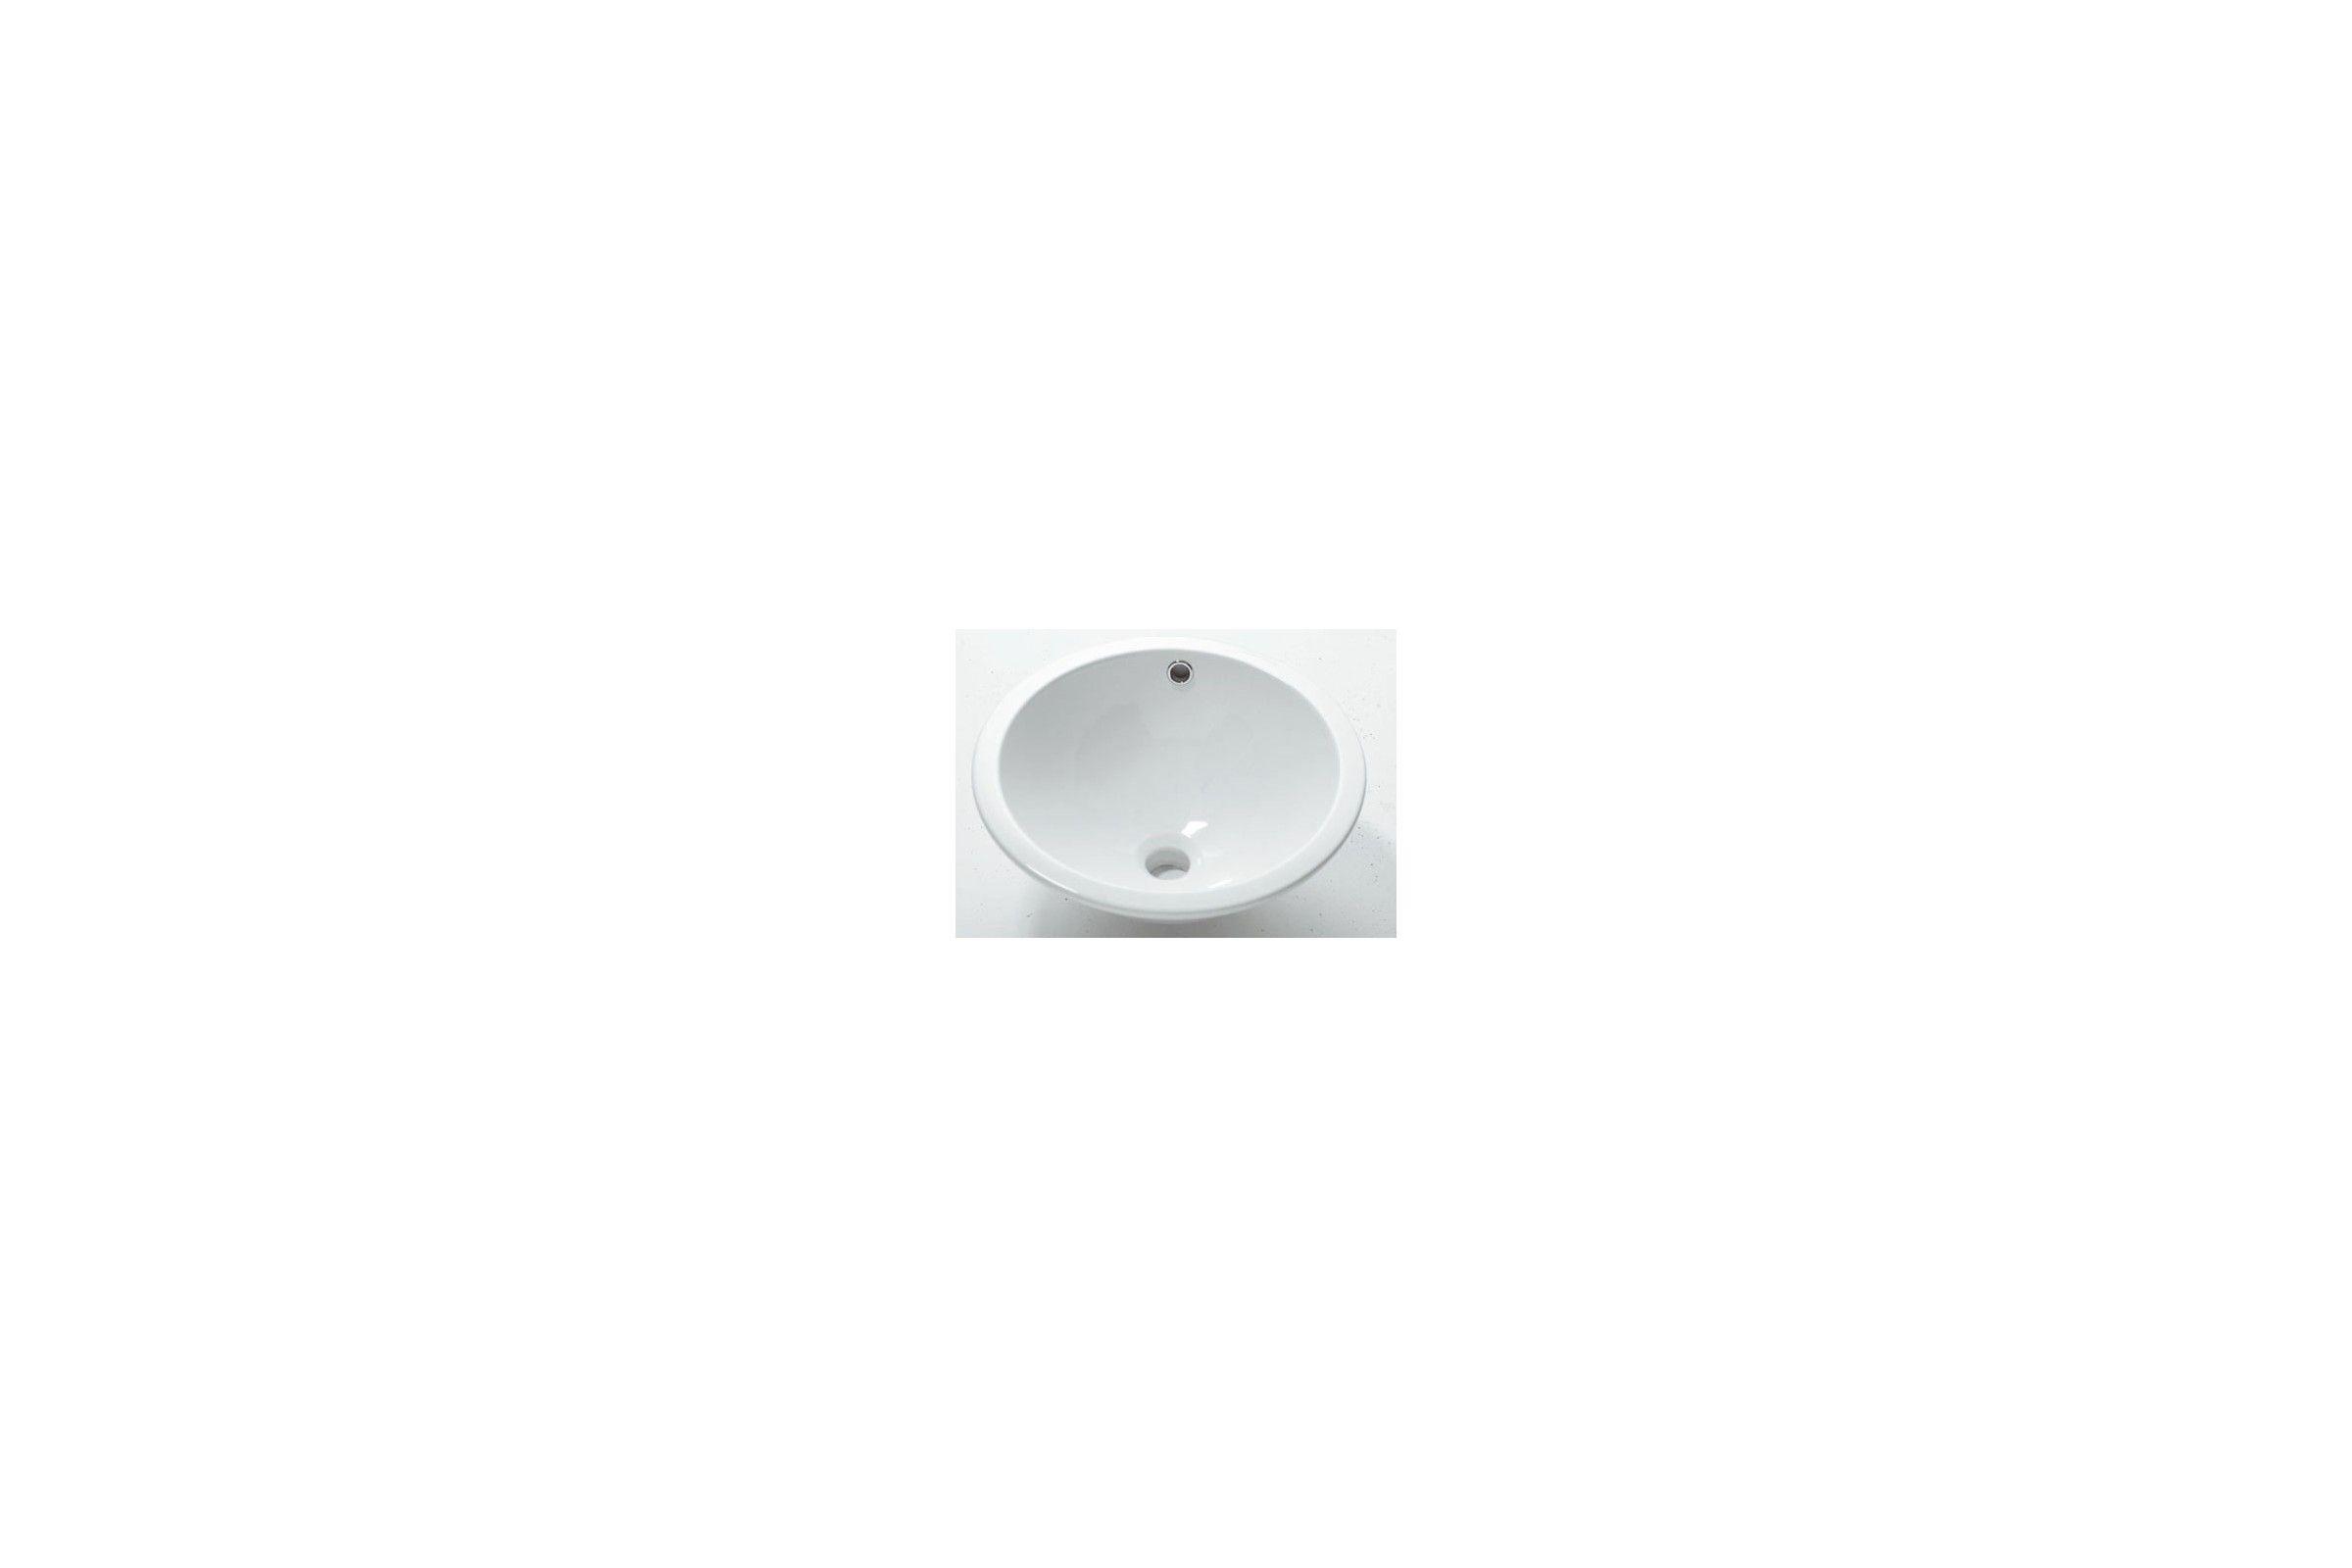 vasque encastrer ronde en c ramique 42 cm mod le soprapiano la galerie du teck. Black Bedroom Furniture Sets. Home Design Ideas